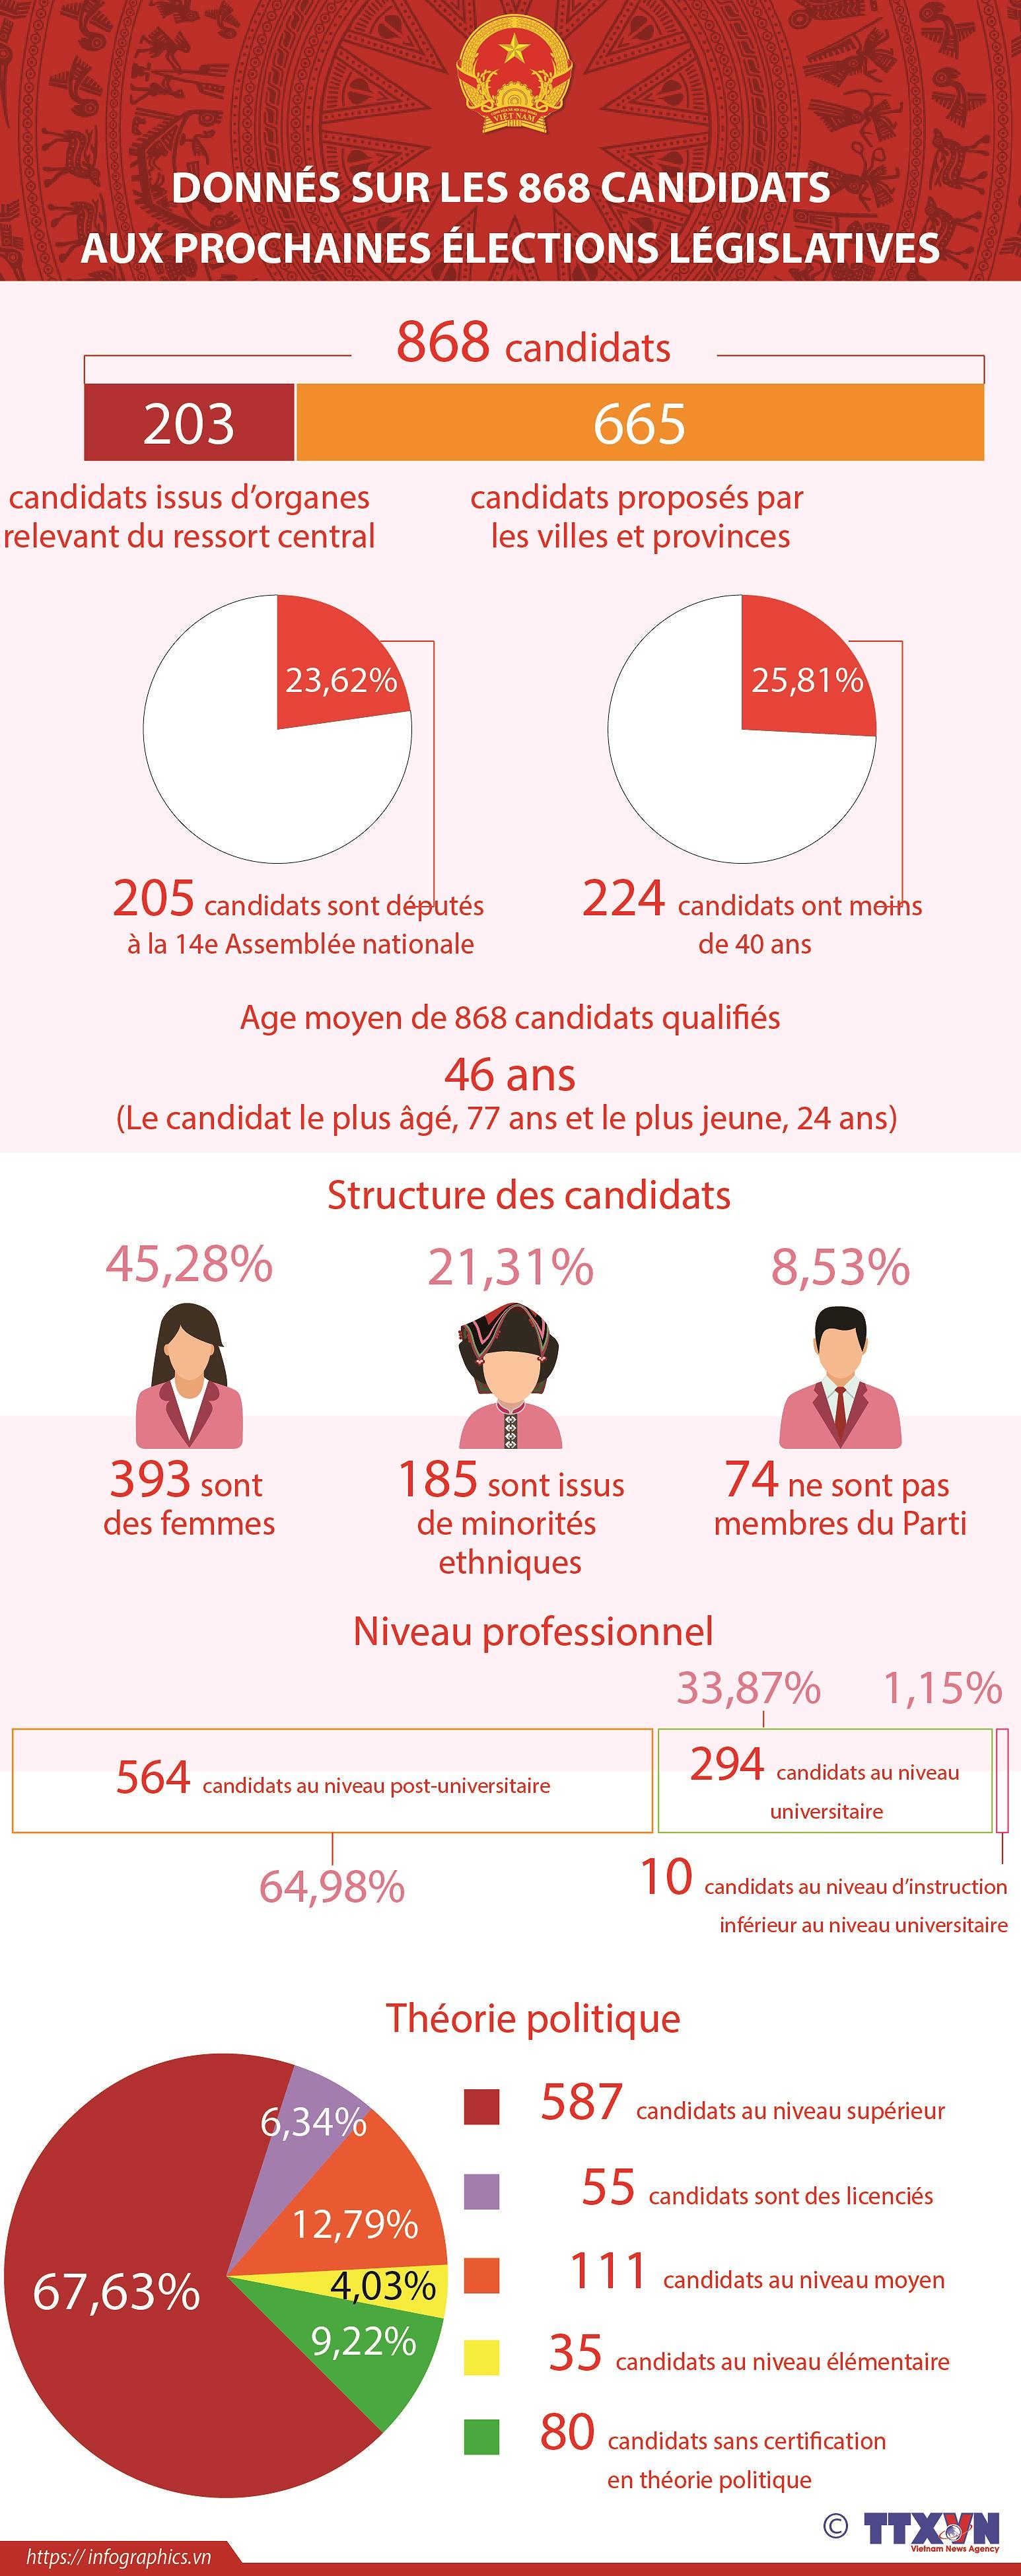 Donnees sur les 868 candidats aux prochaines elections legislatives hinh anh 1